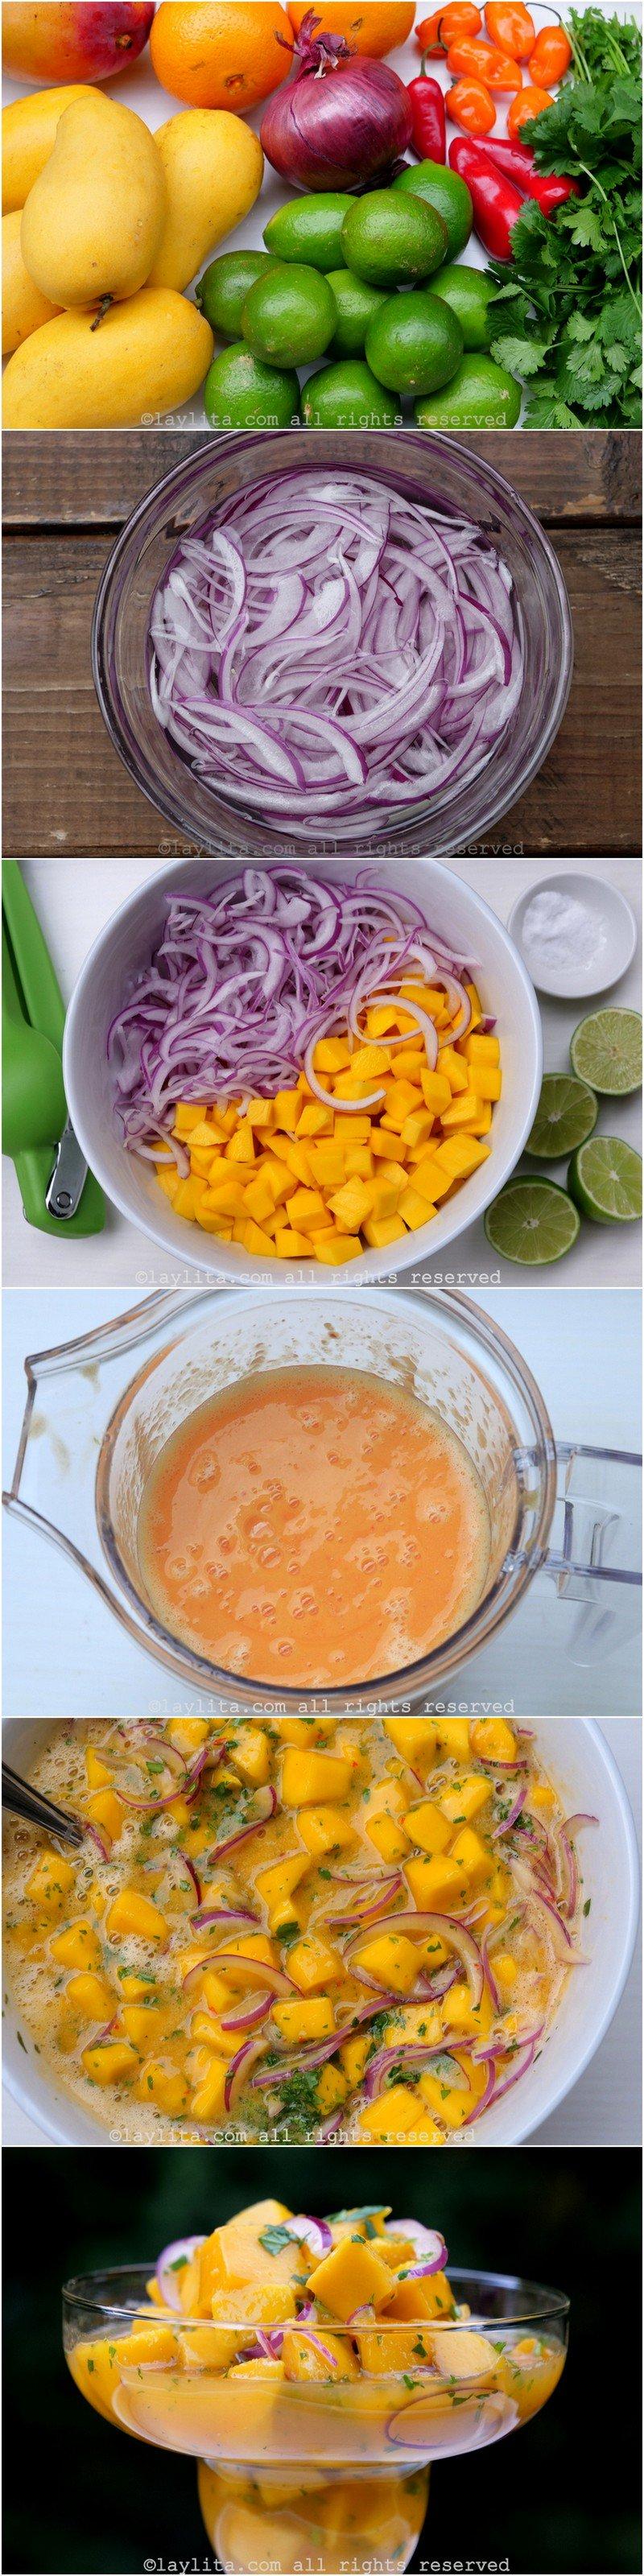 Préparation du ceviche de mangues